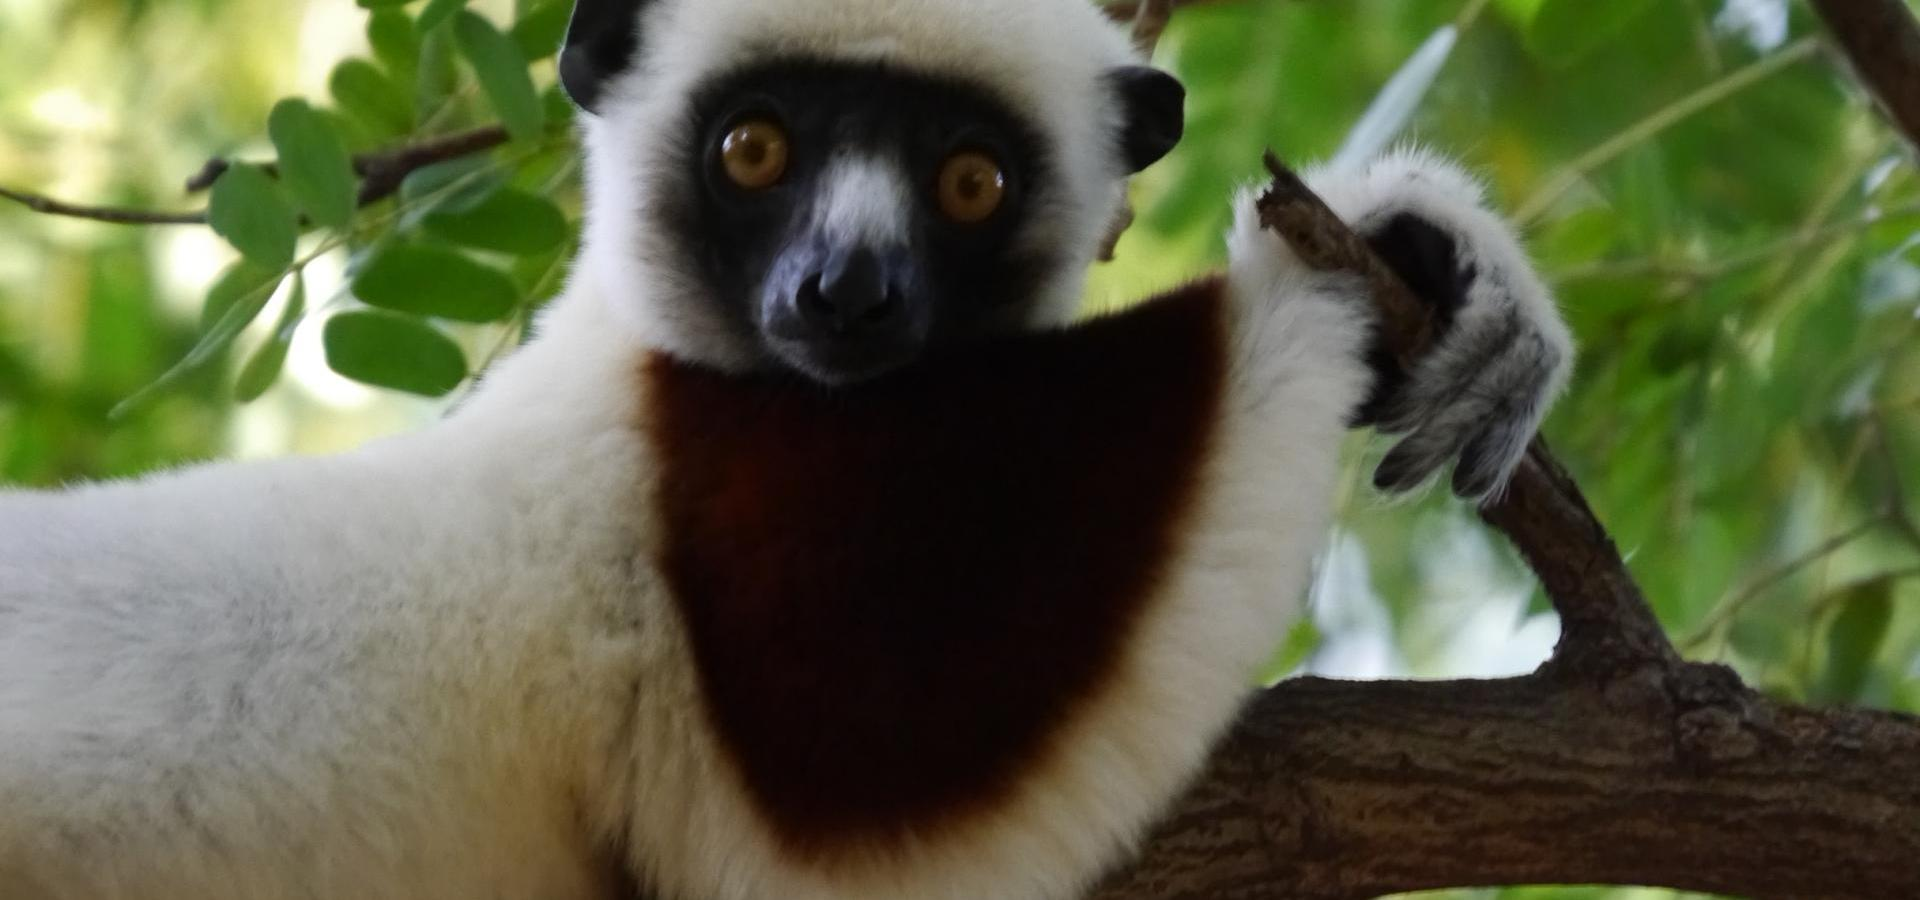 Lemur in Anjajavy